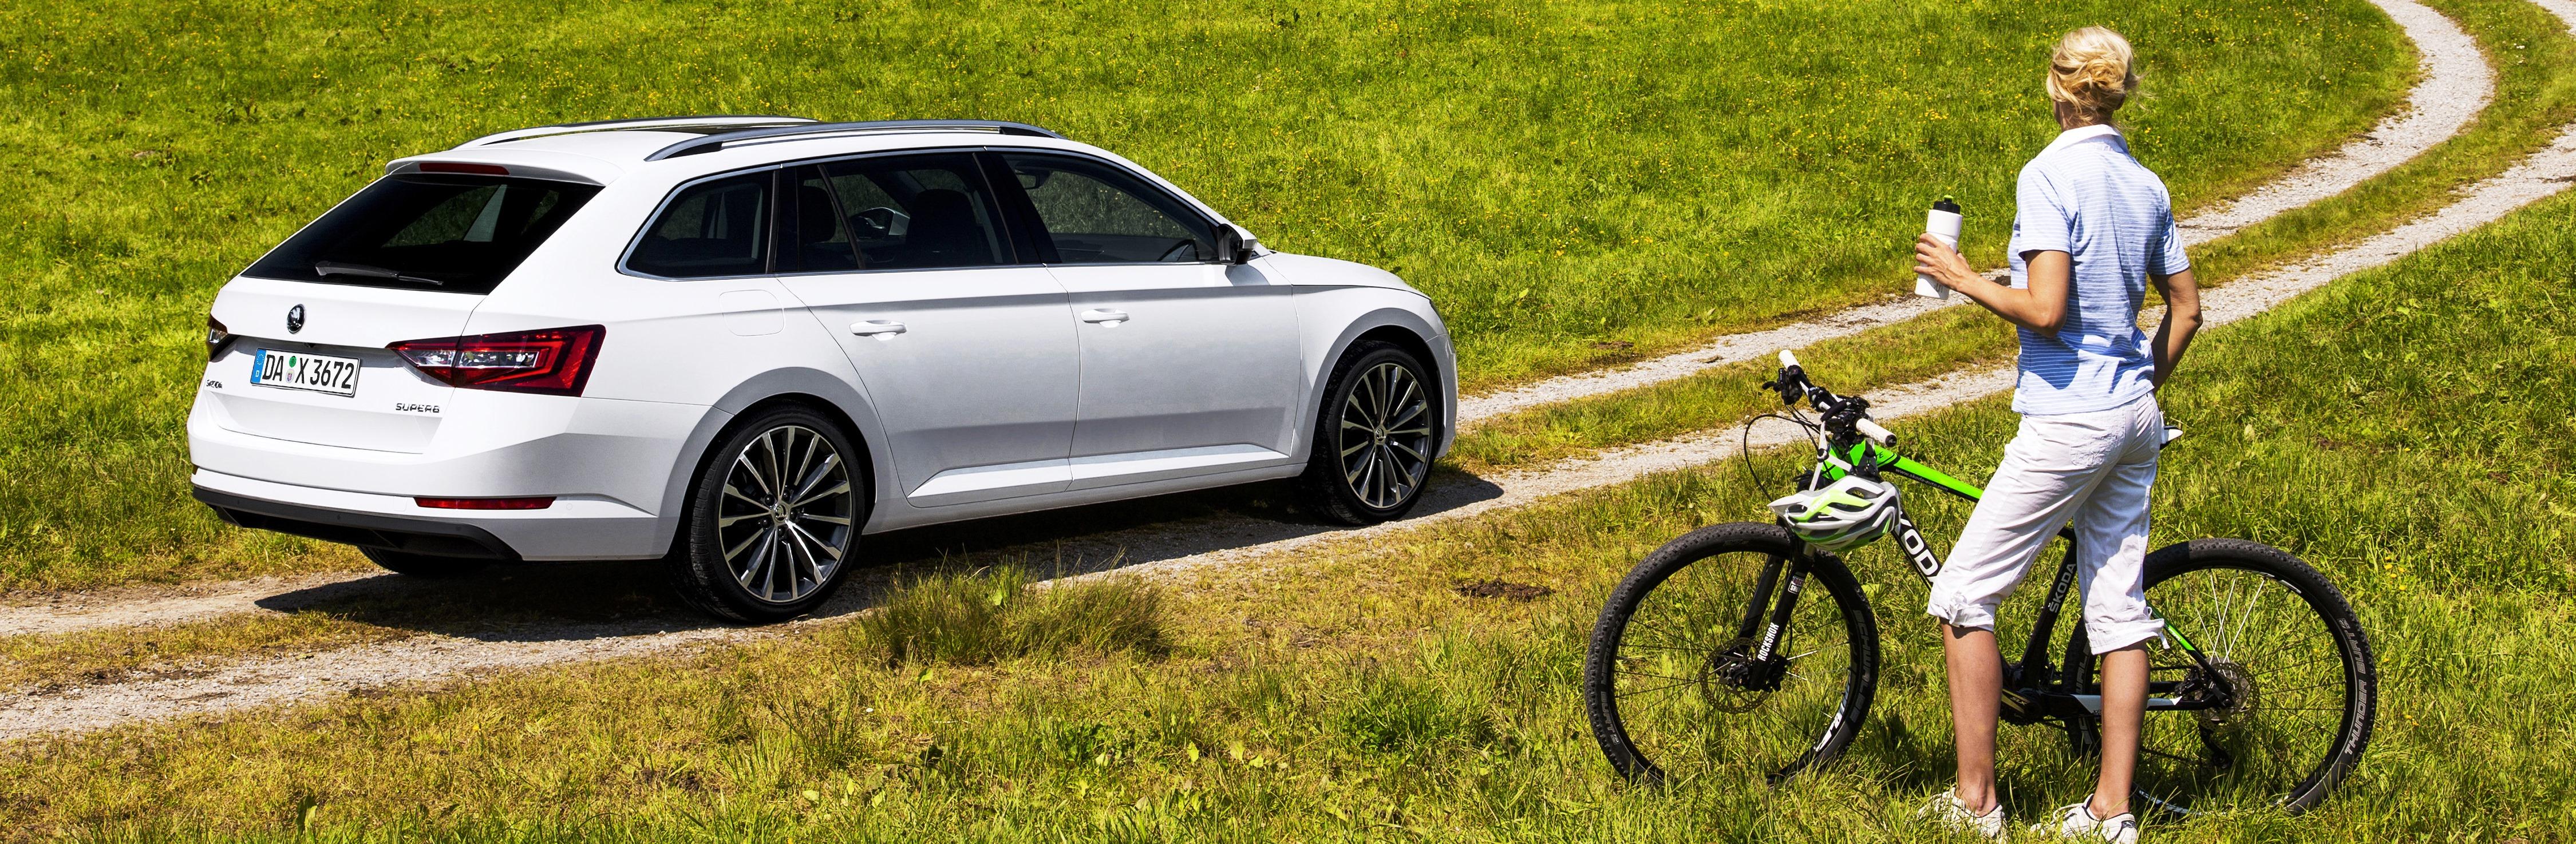 Clever laden – der Skoda Superb bi – Die Testfahrer Automagazin